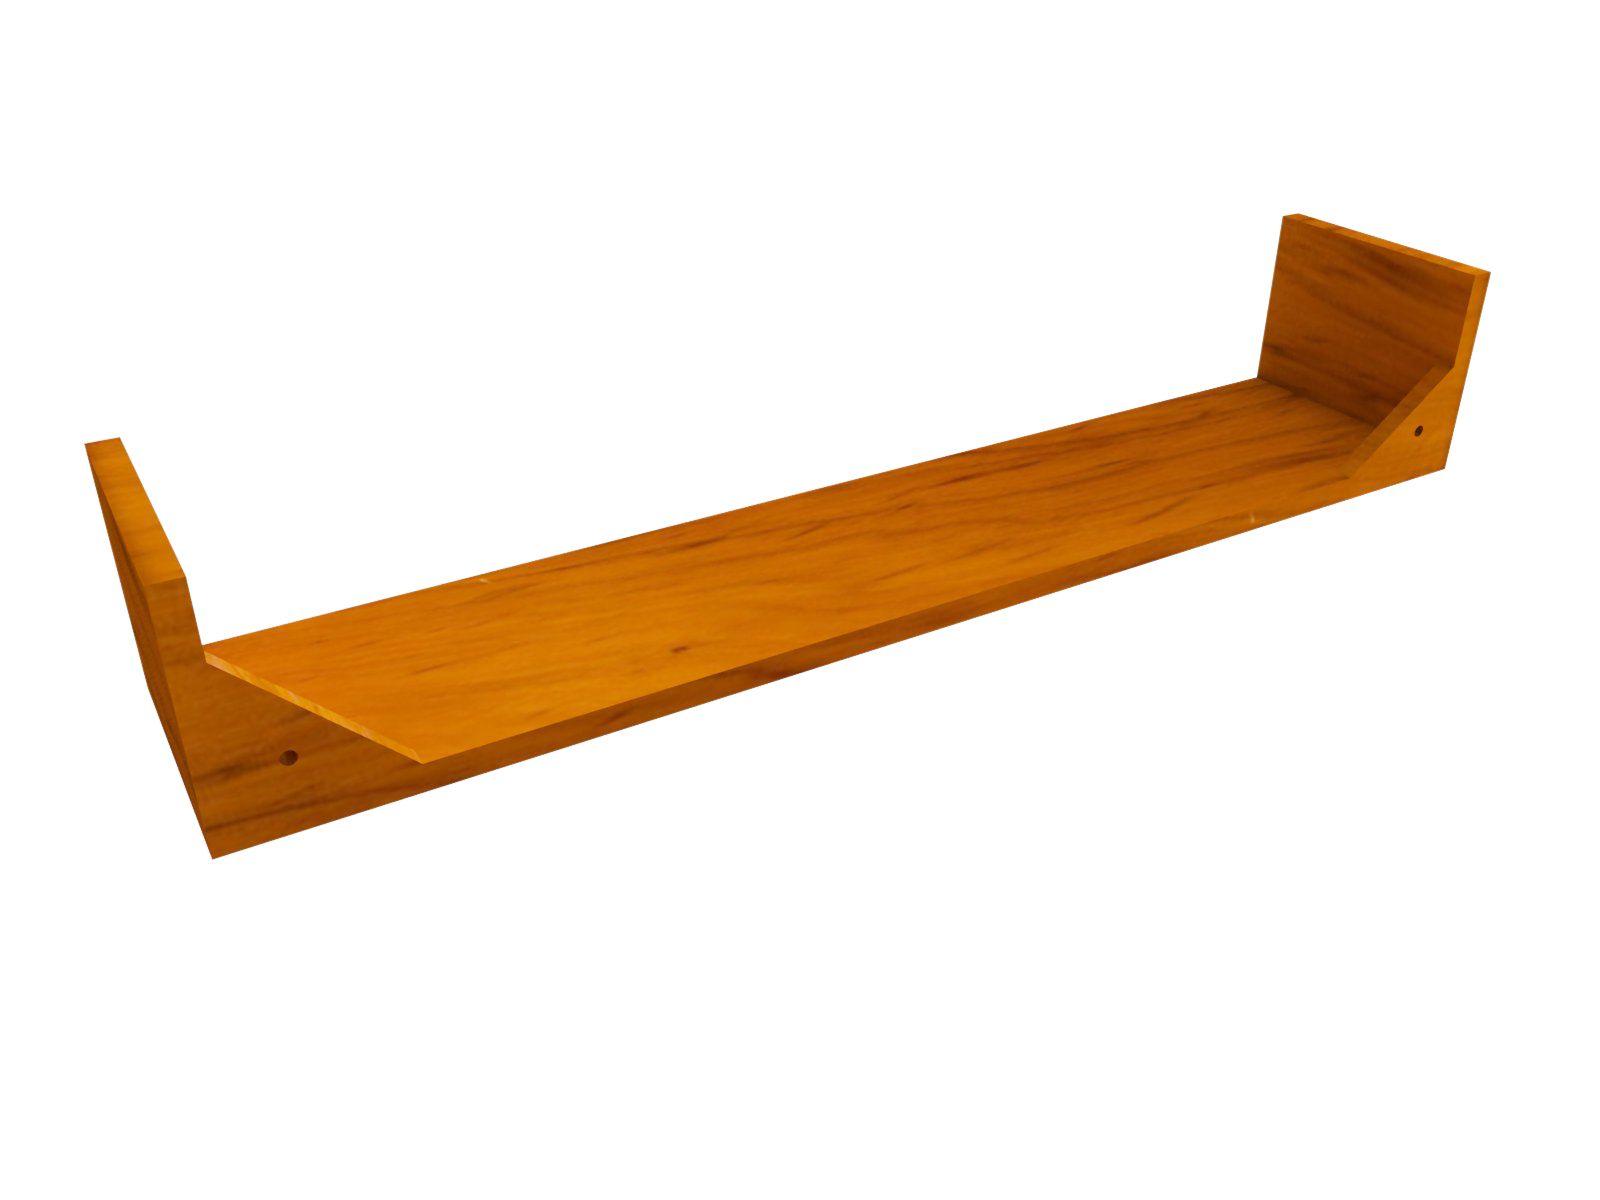 Prateleira em Madeira De Demolição Modelo U medindo 70x15x15